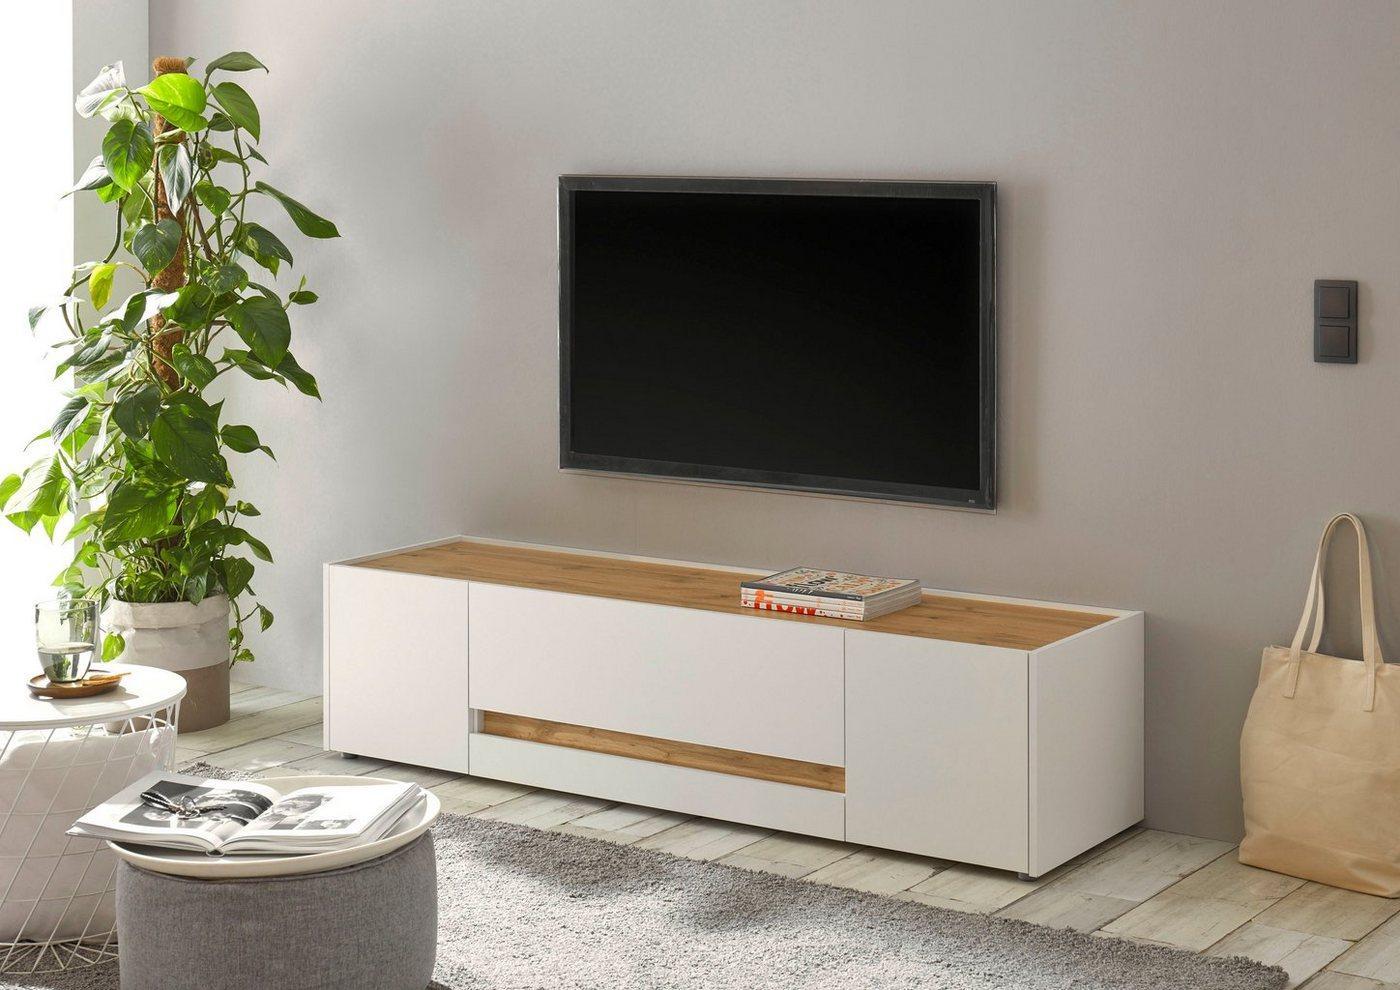 INOSIGN Lowboard »CiTY Lowboard 31«, im modernen Design, weiß